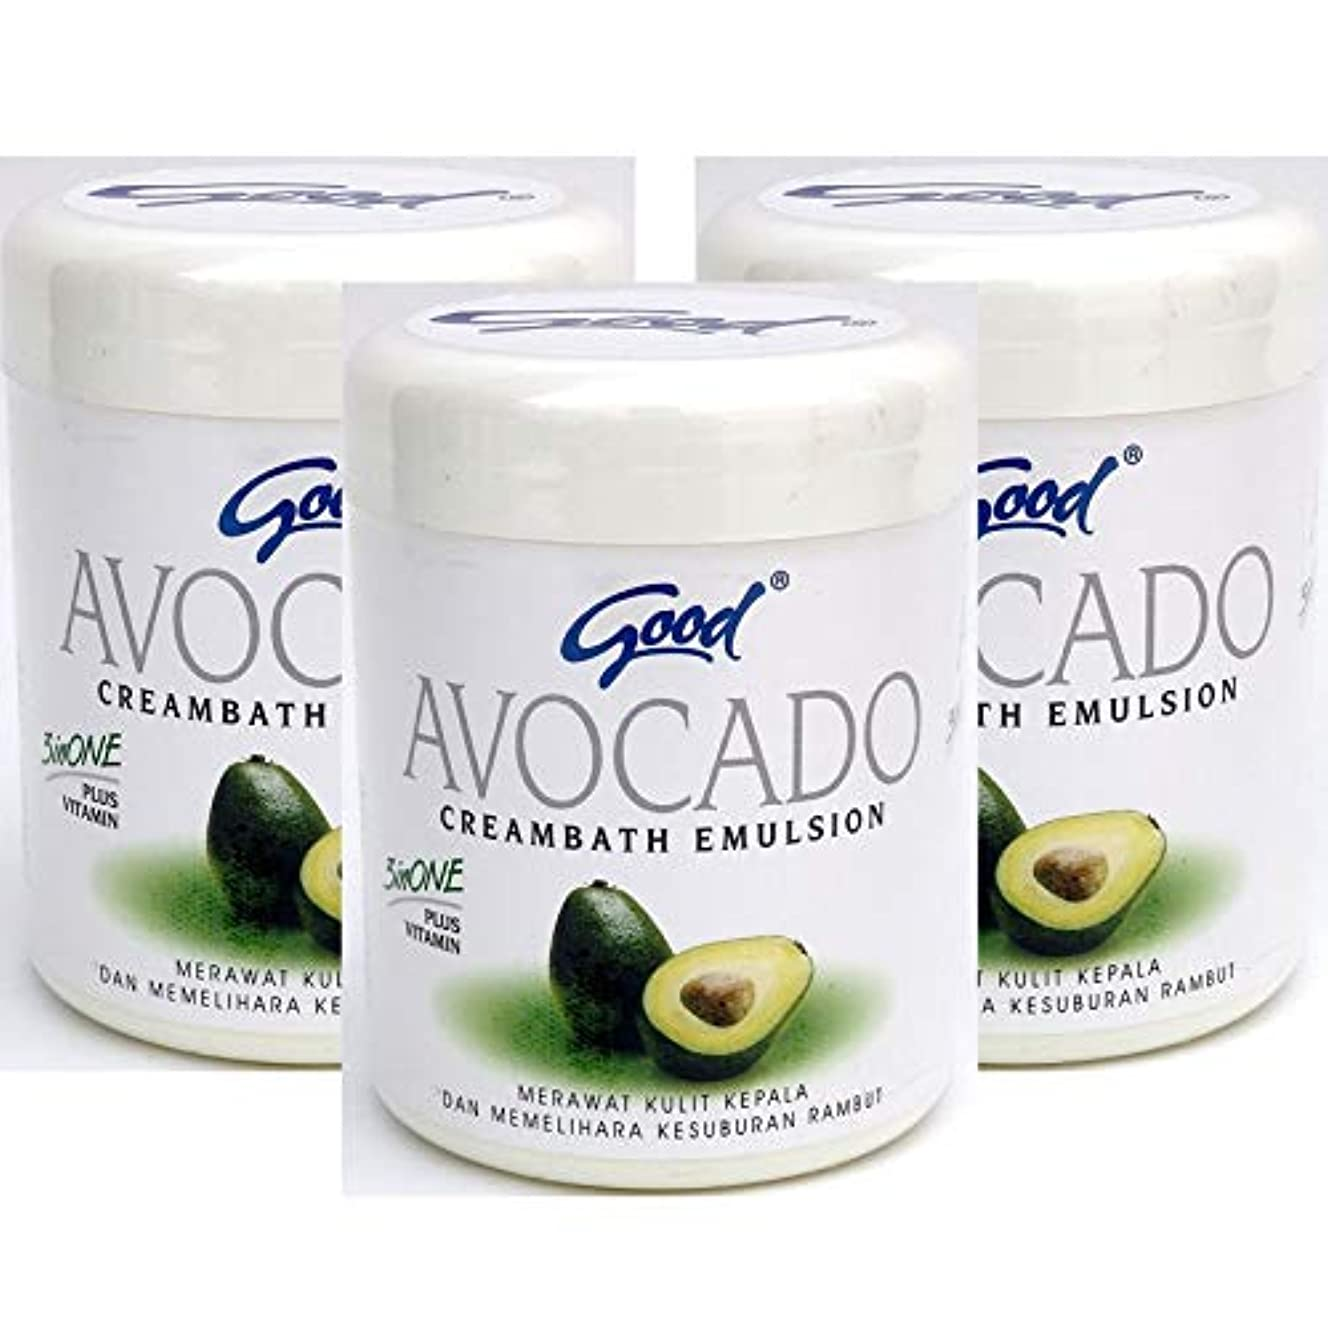 たくさんバーガーファイバgood グッド インドネシアバリ島の伝統的なヘッドスパクリーム Creambath Emulsion クリームバス エマルション 250g × 3個 Avocado アボガド [海外直送品]